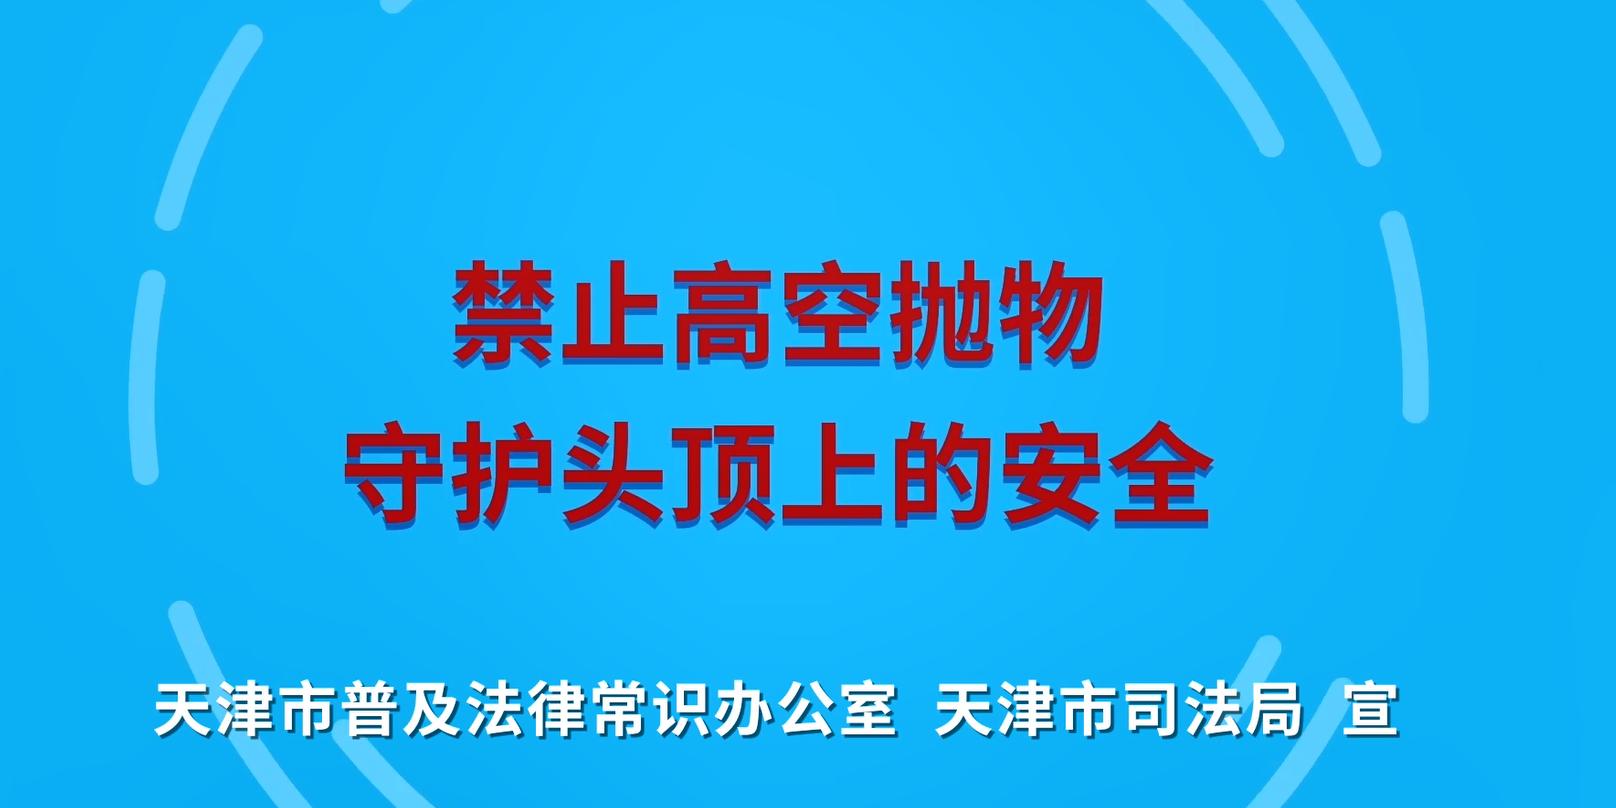 民法典动漫——禁止高空抛物